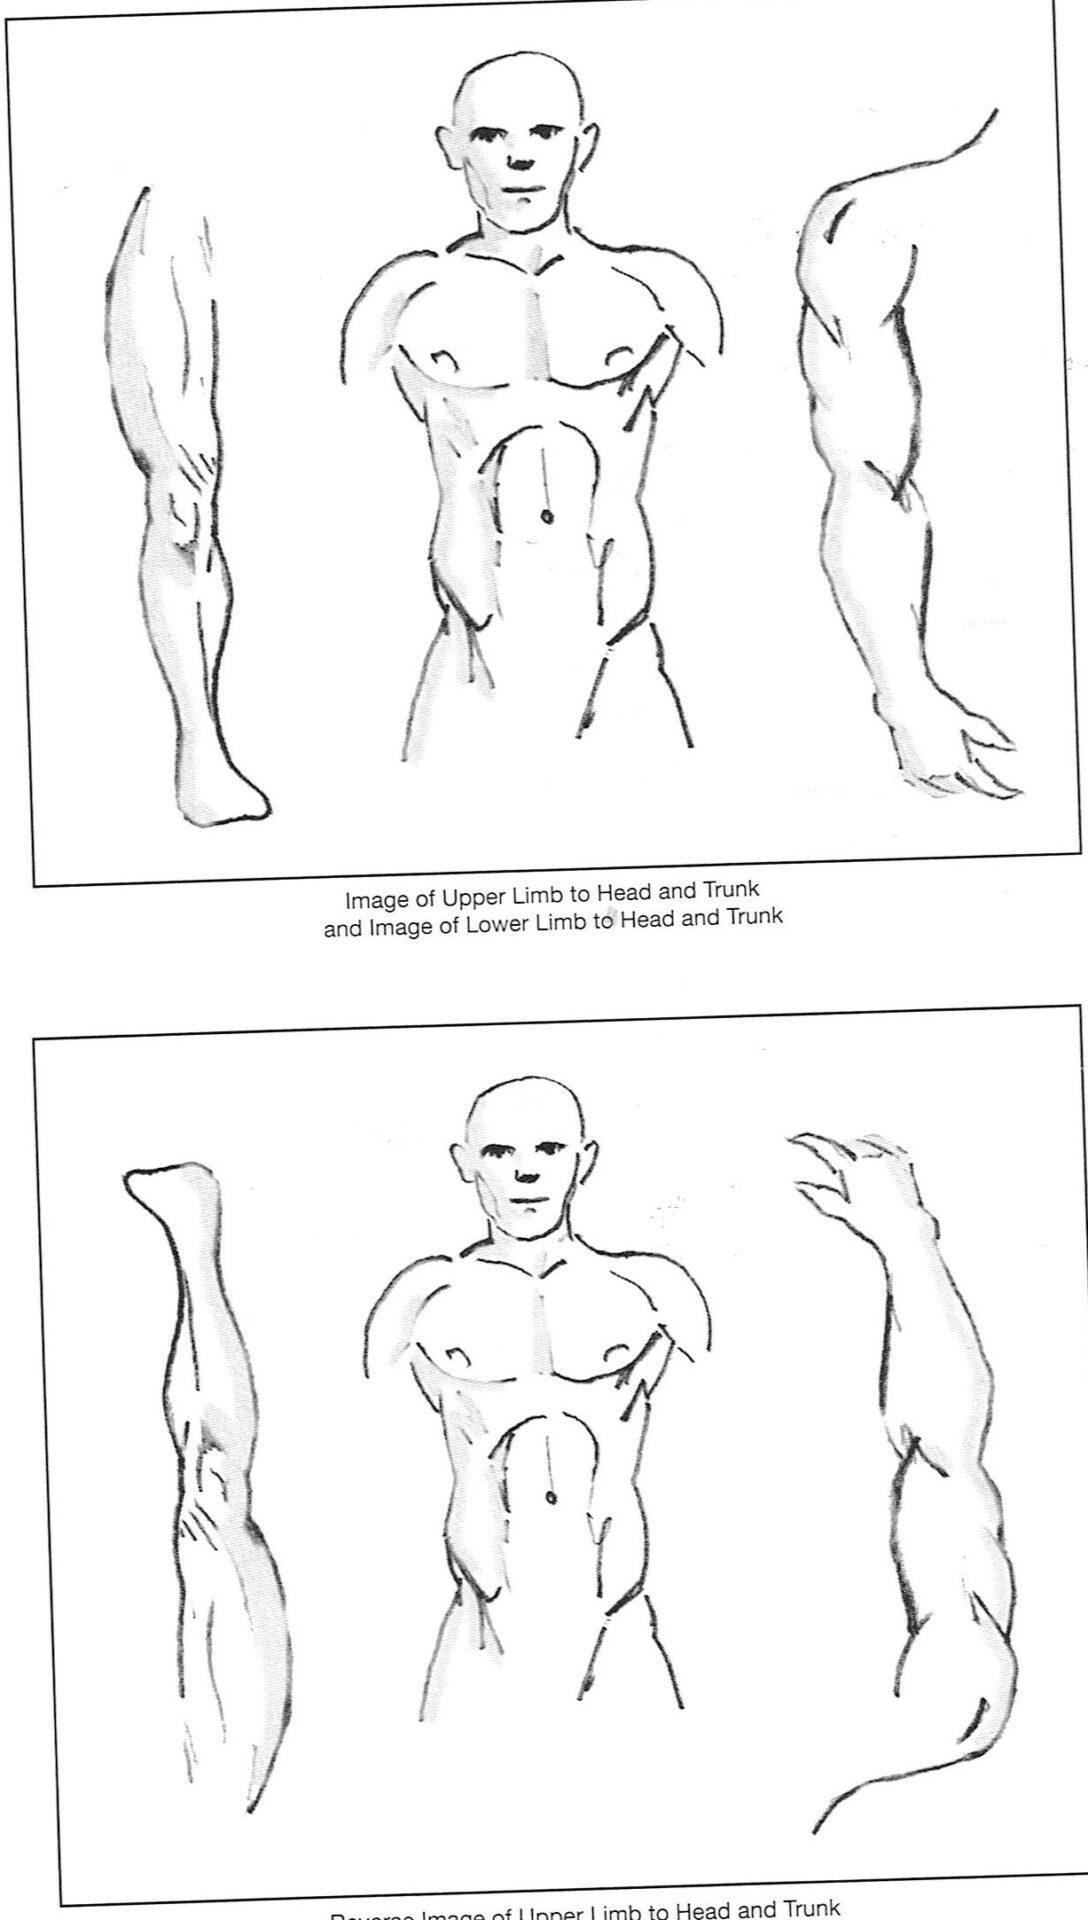 """הדמייה של איזור הבטן והחזה על הידיים והרגליים בשיטת הדיקור של ד""""ר ריצ'ארד טאן"""